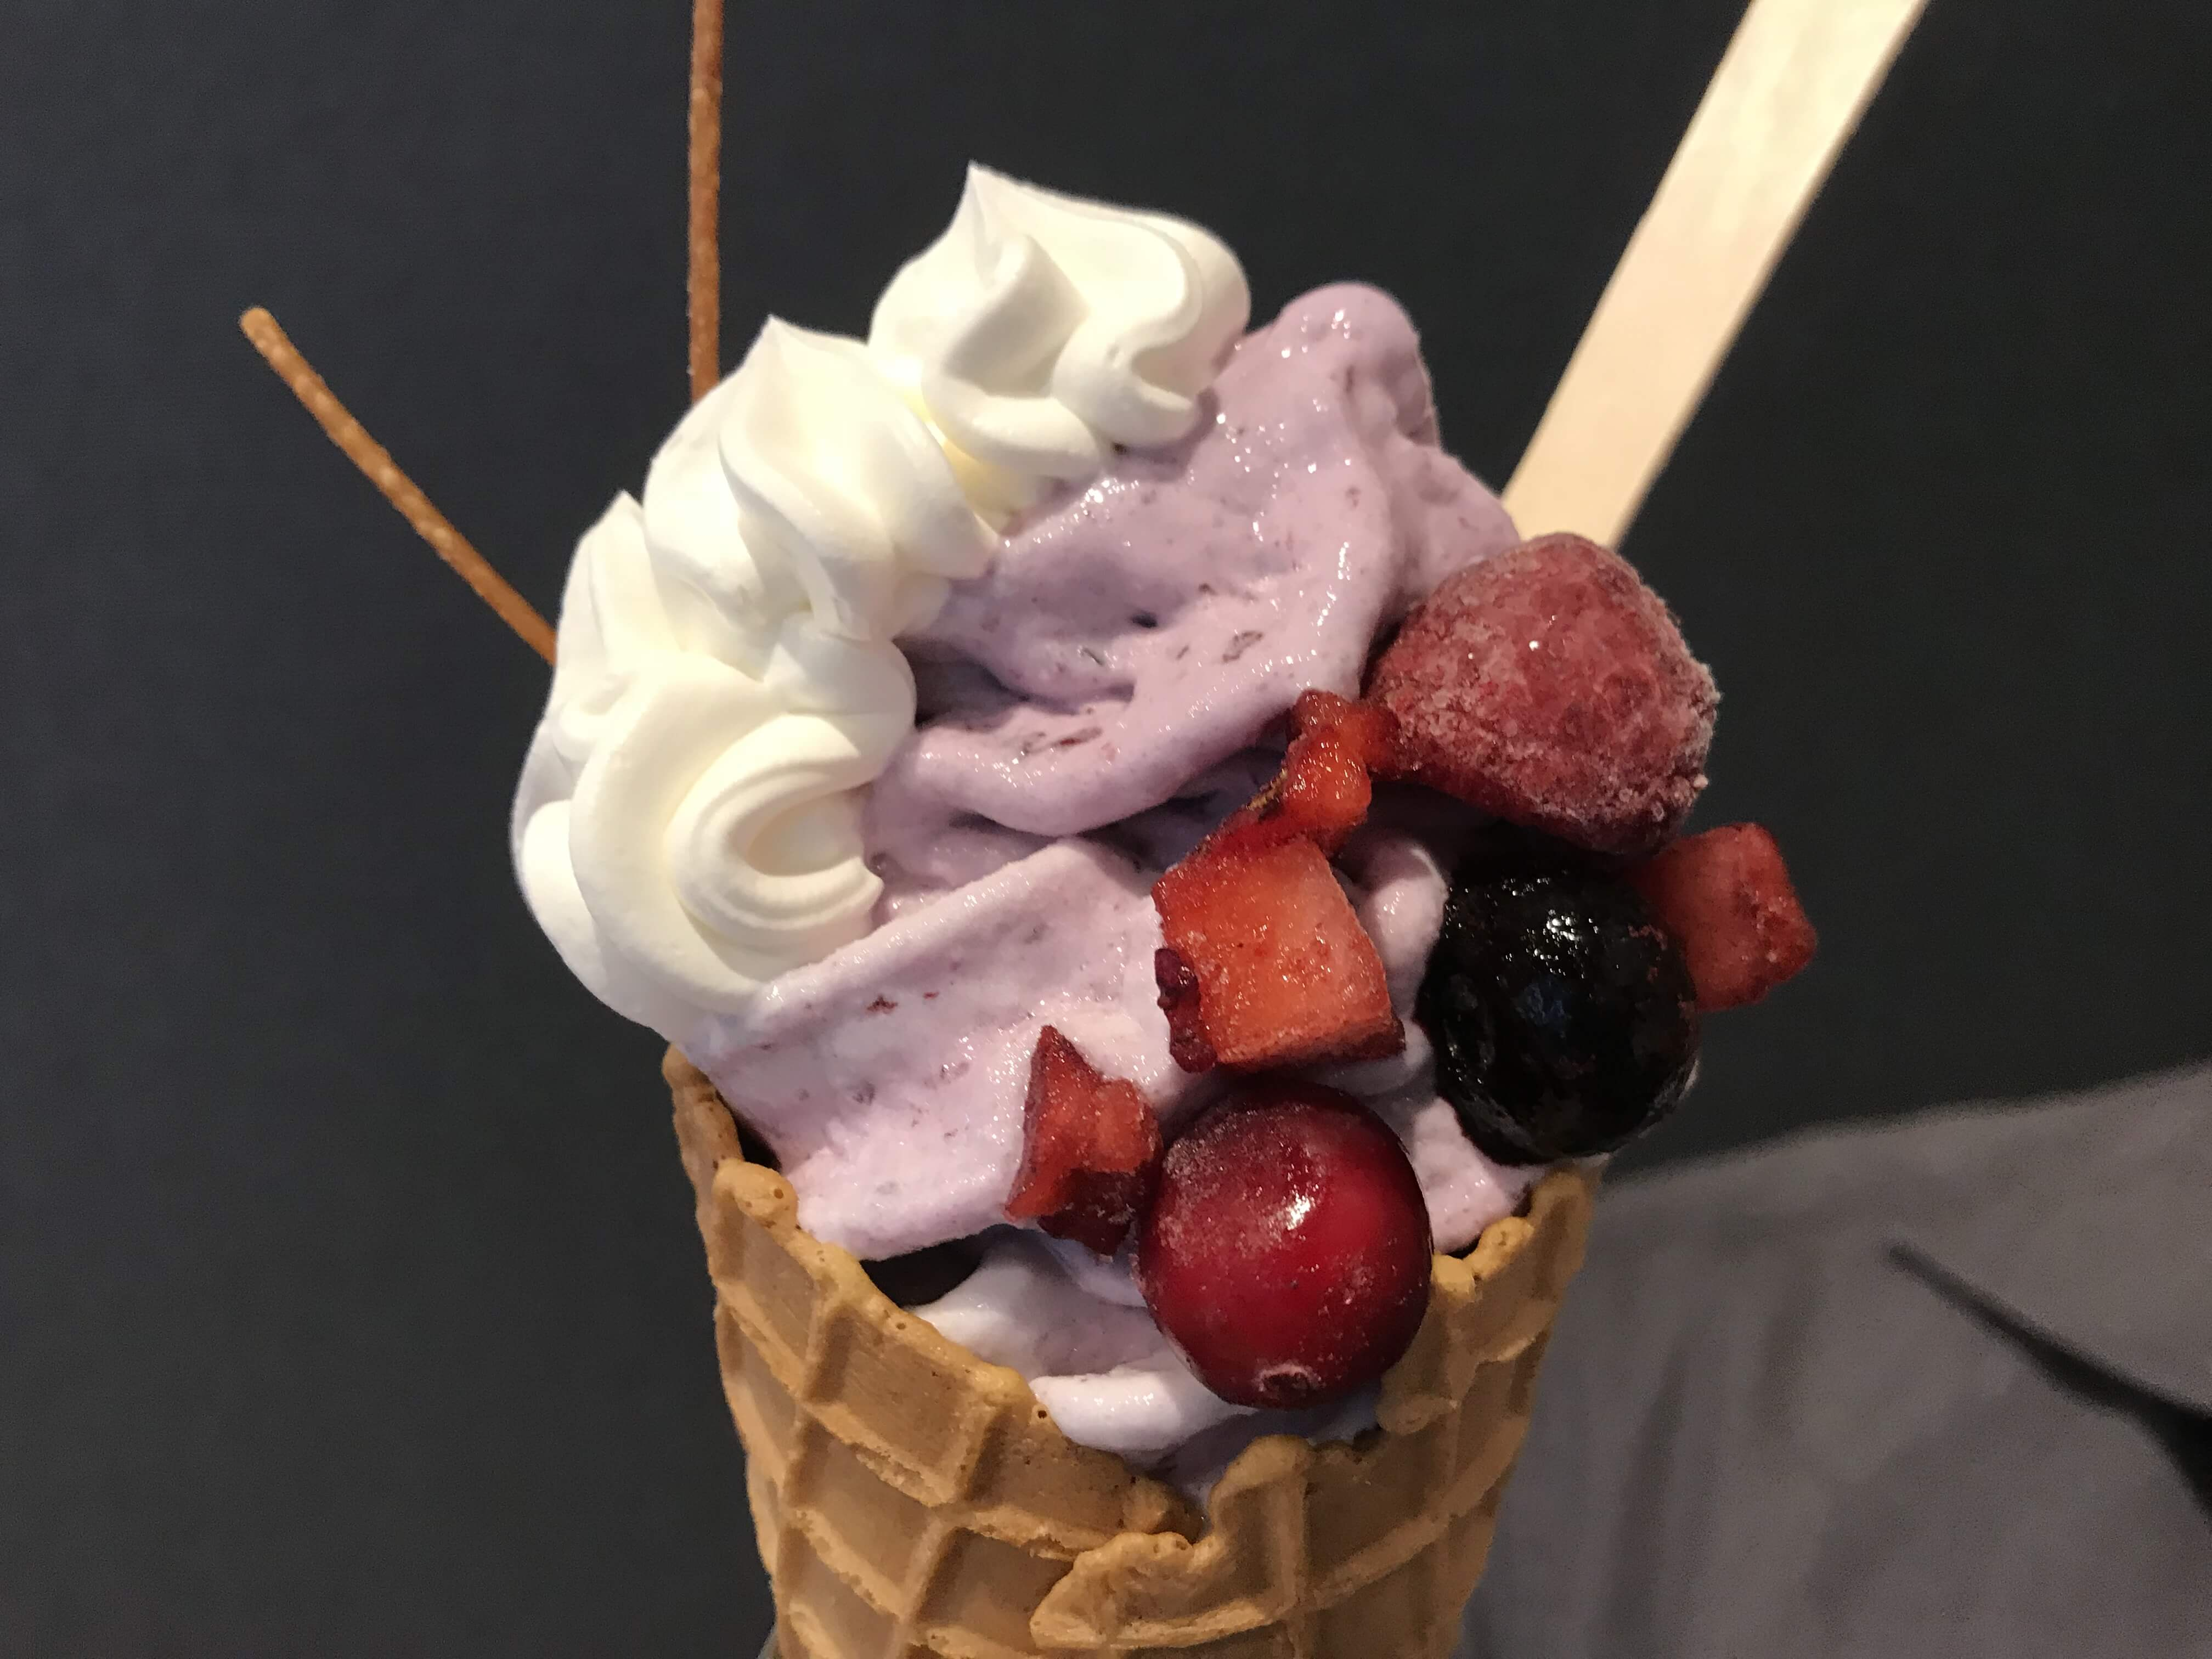 『CHLL OUT&ソフトクリーム畑』思わず迷ってしまう!種類豊富なソフトクリーム。クレープもあるよ